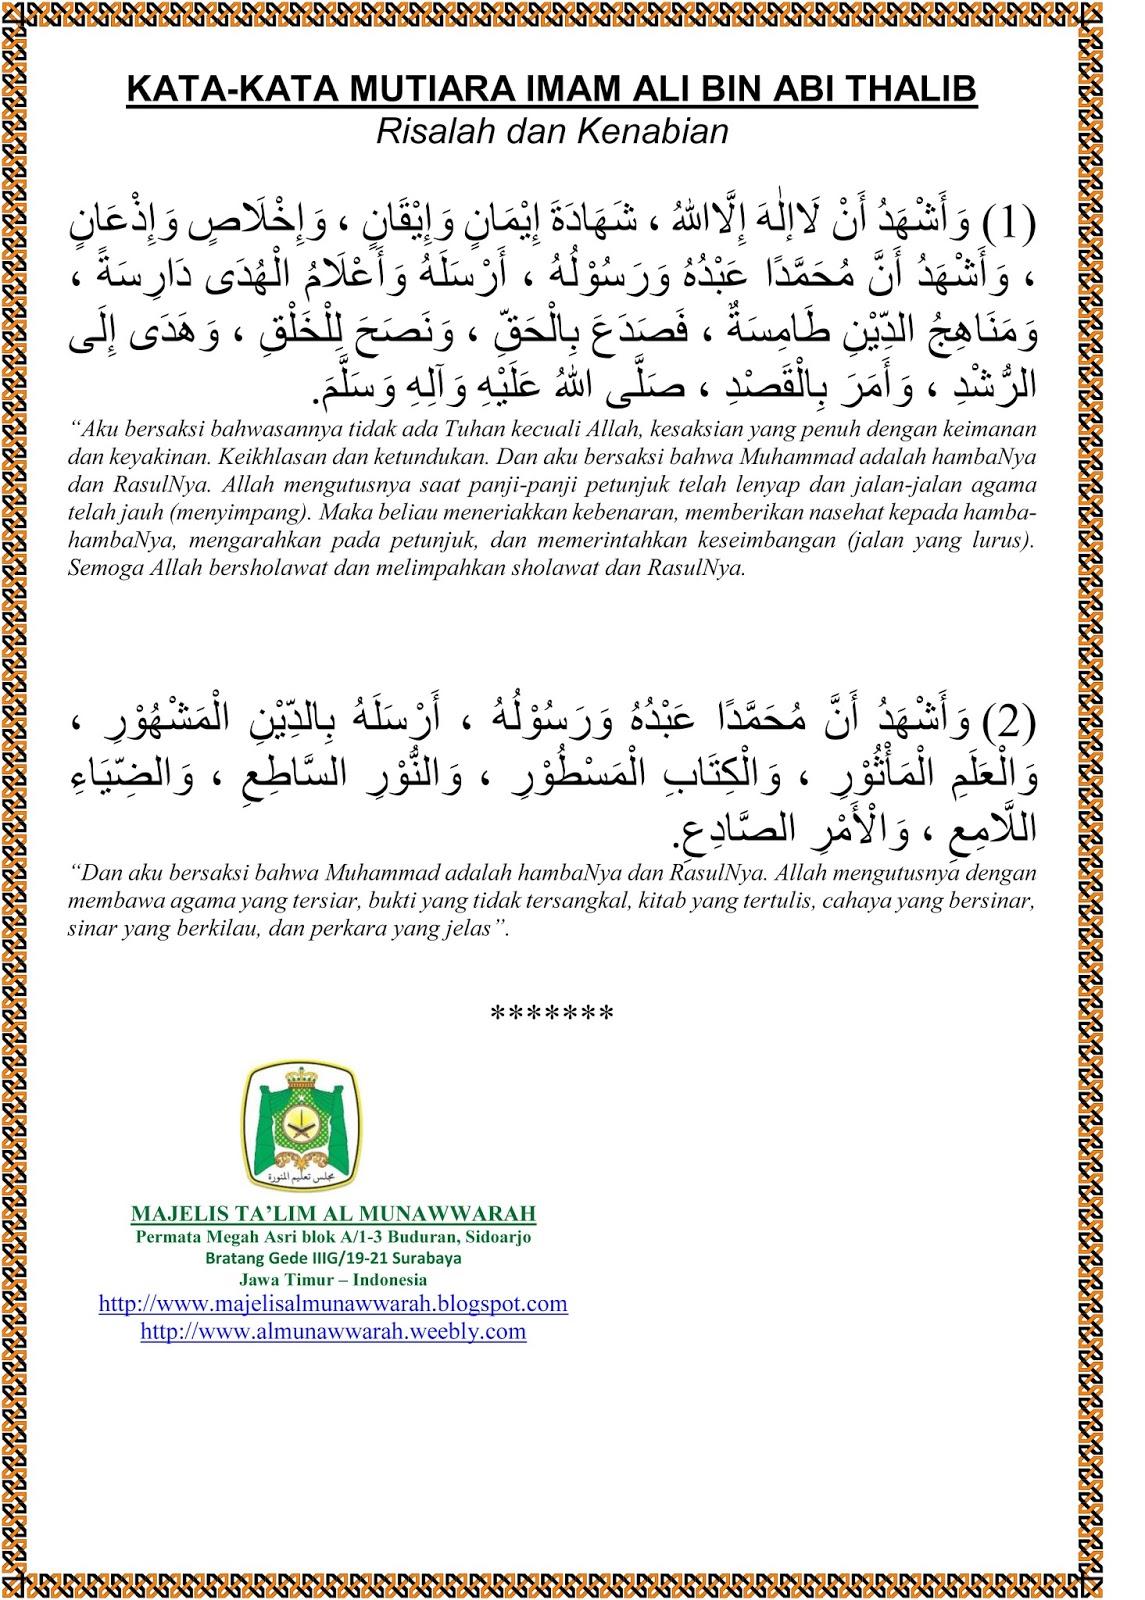 Risalah Dan Kenabian Kata Kata Mutiara Imam Ali Bin Abi Thalib